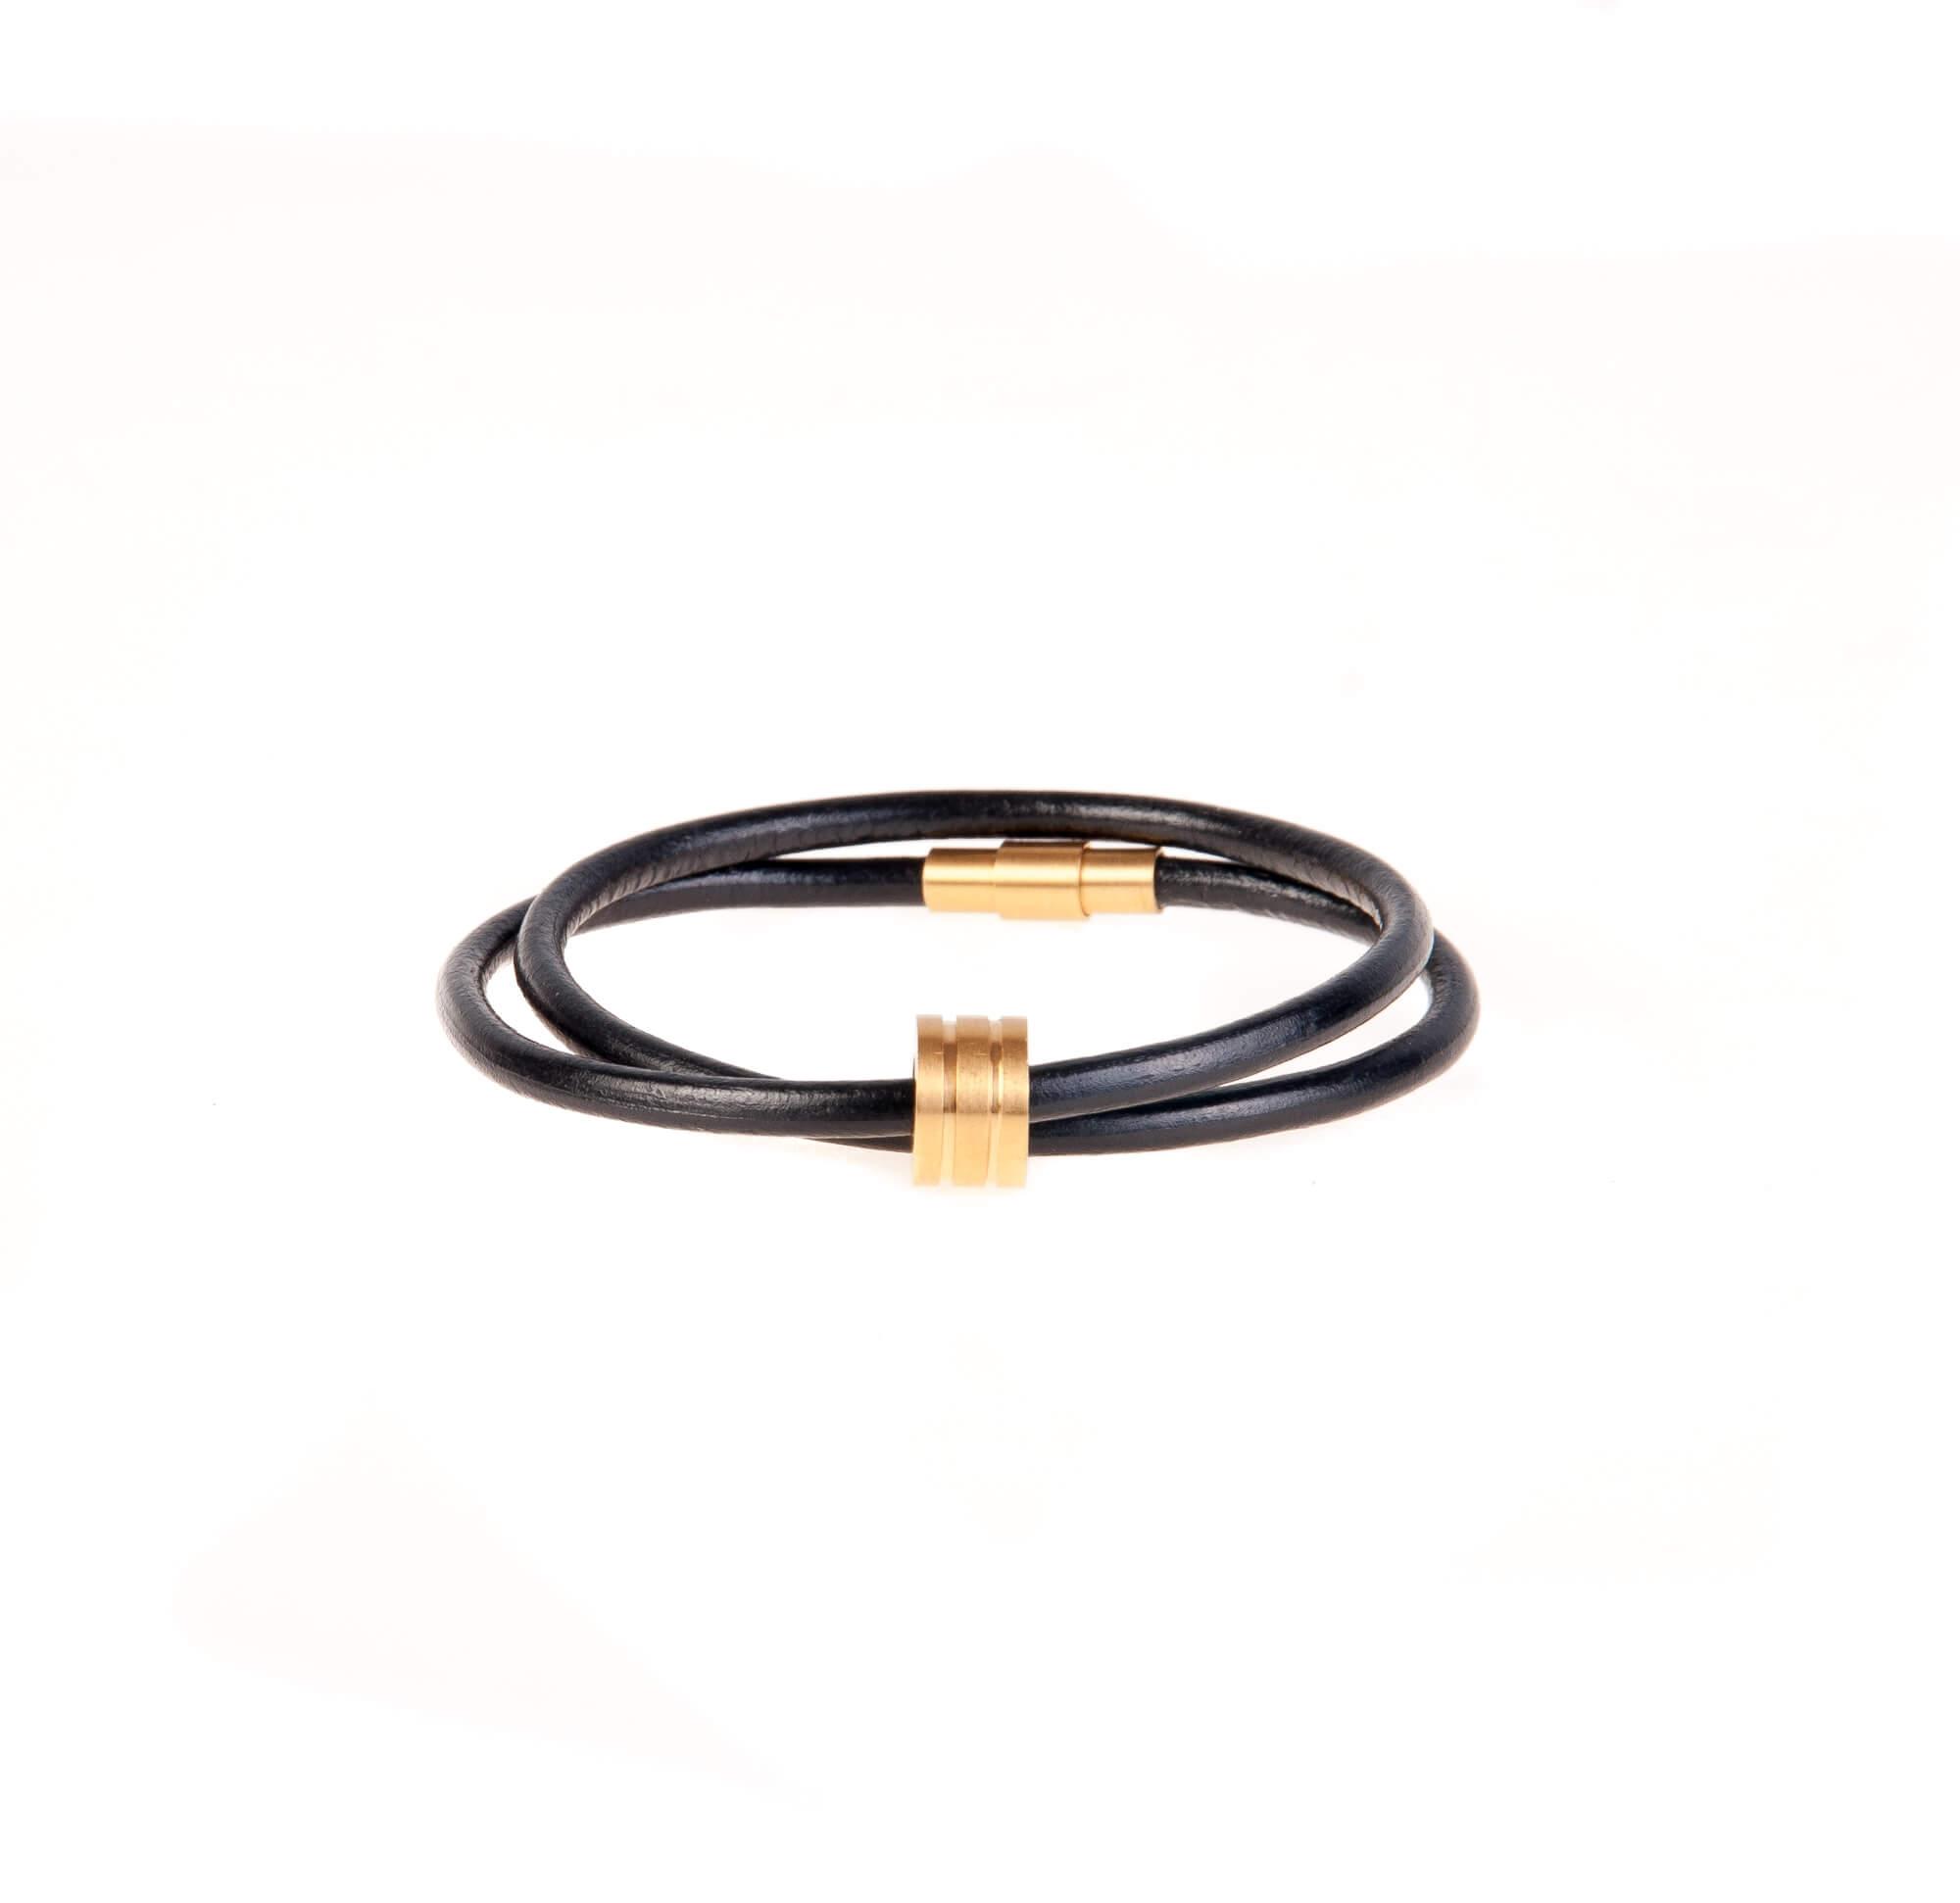 دستبند چرمی-فلزی مردانه MM1002